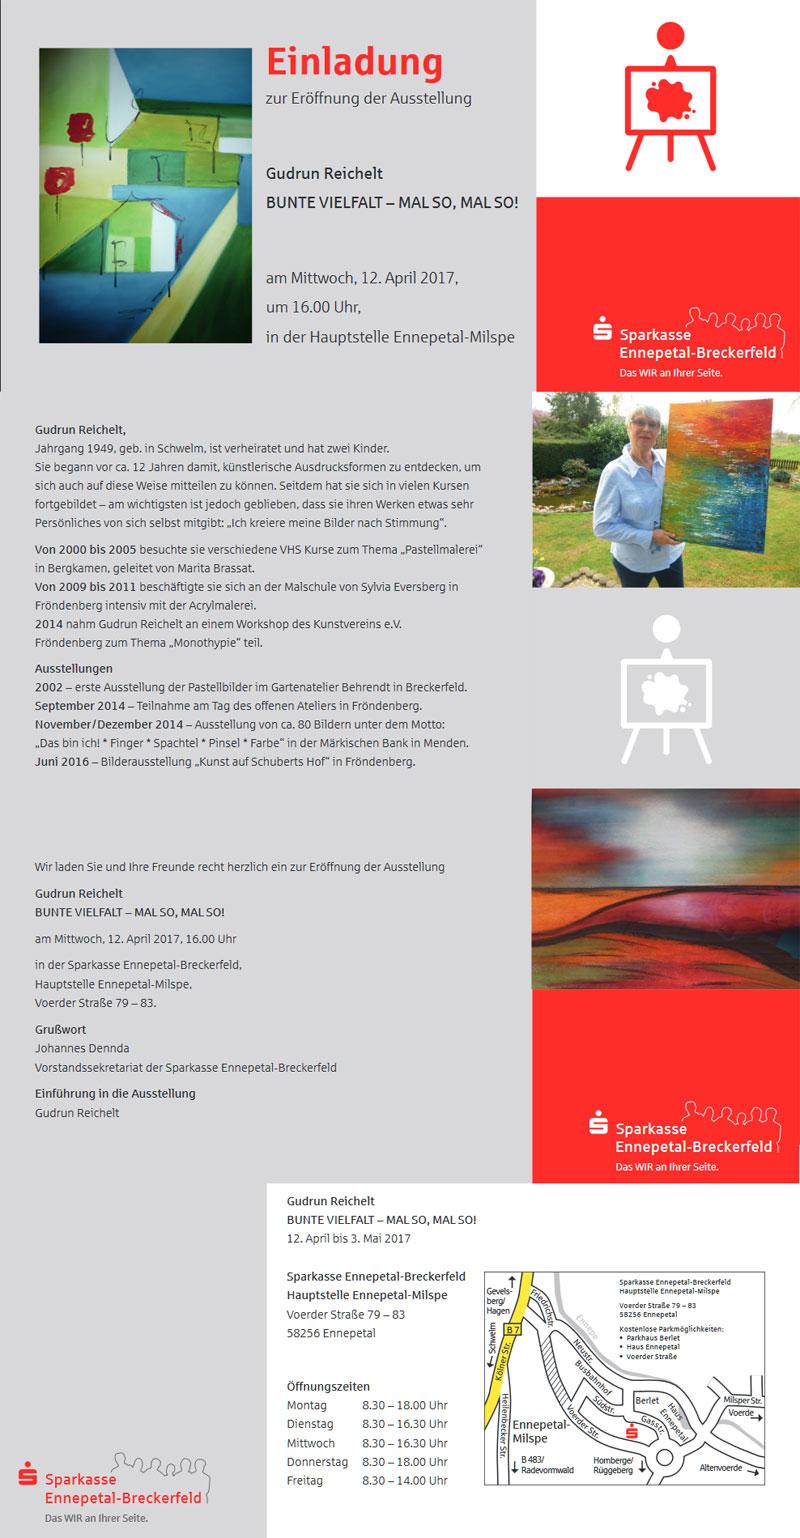 Einladung zur Ausstellung Gudrun Reichelt | KulturgartenNRW e.V.